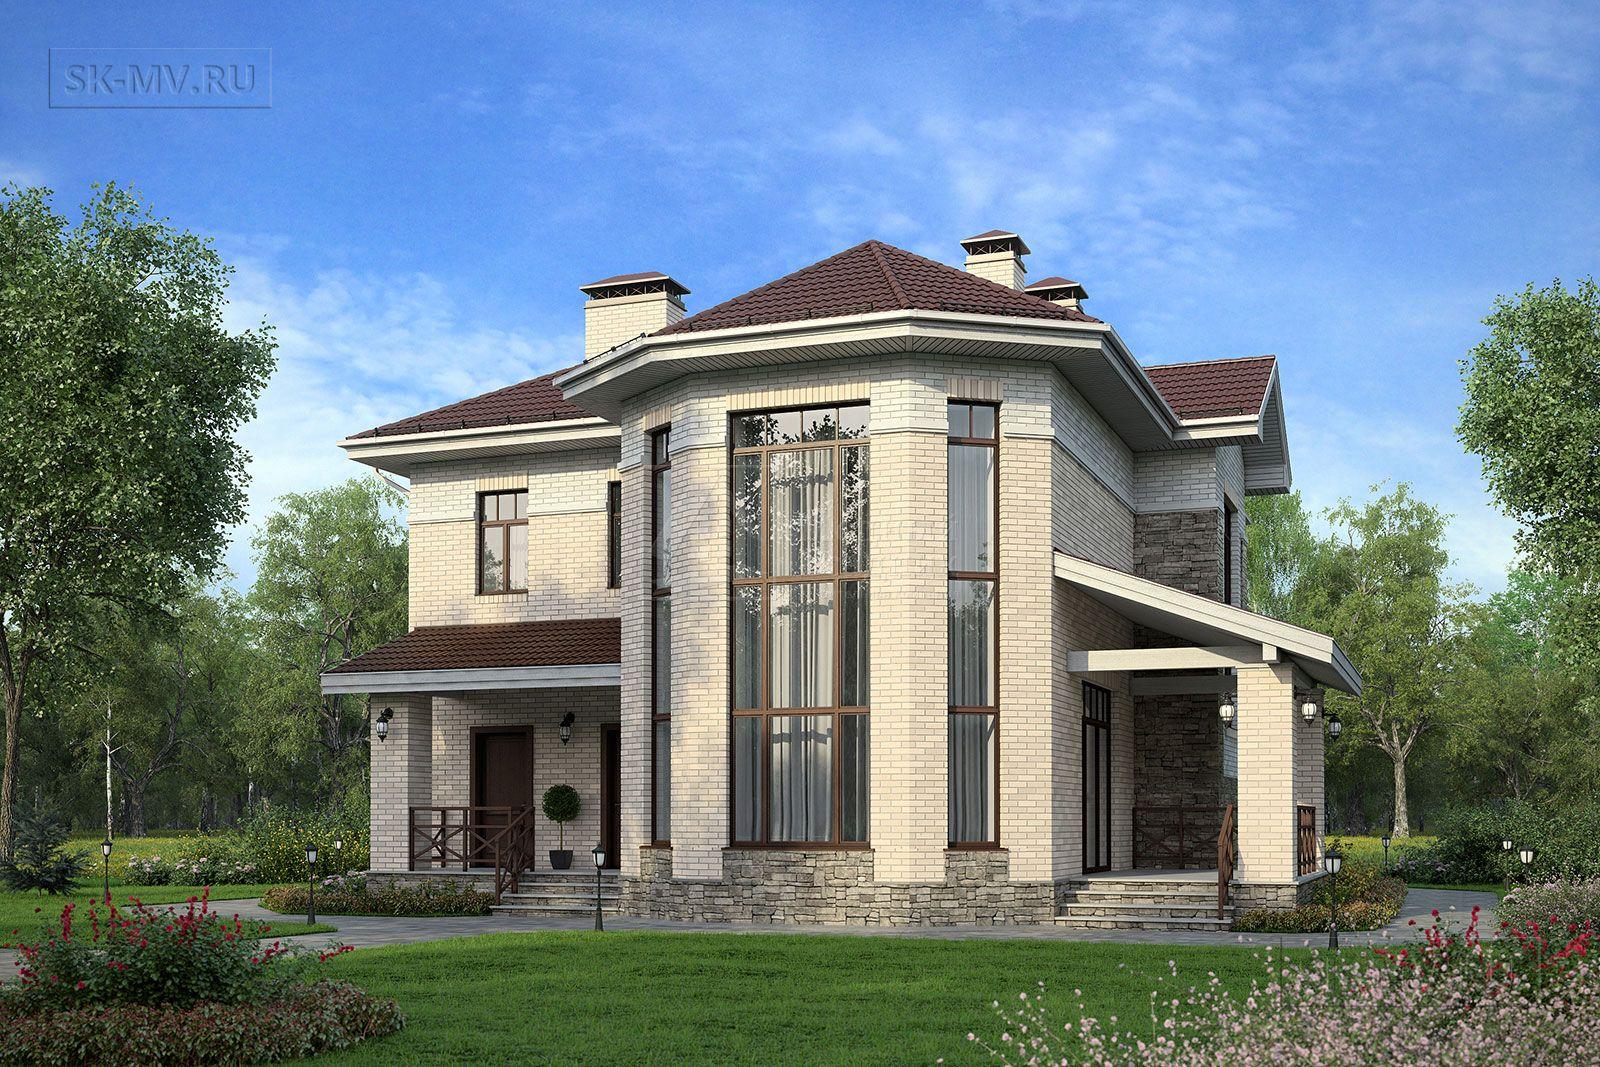 Устройство панорамных окон в пол в деревянных домах